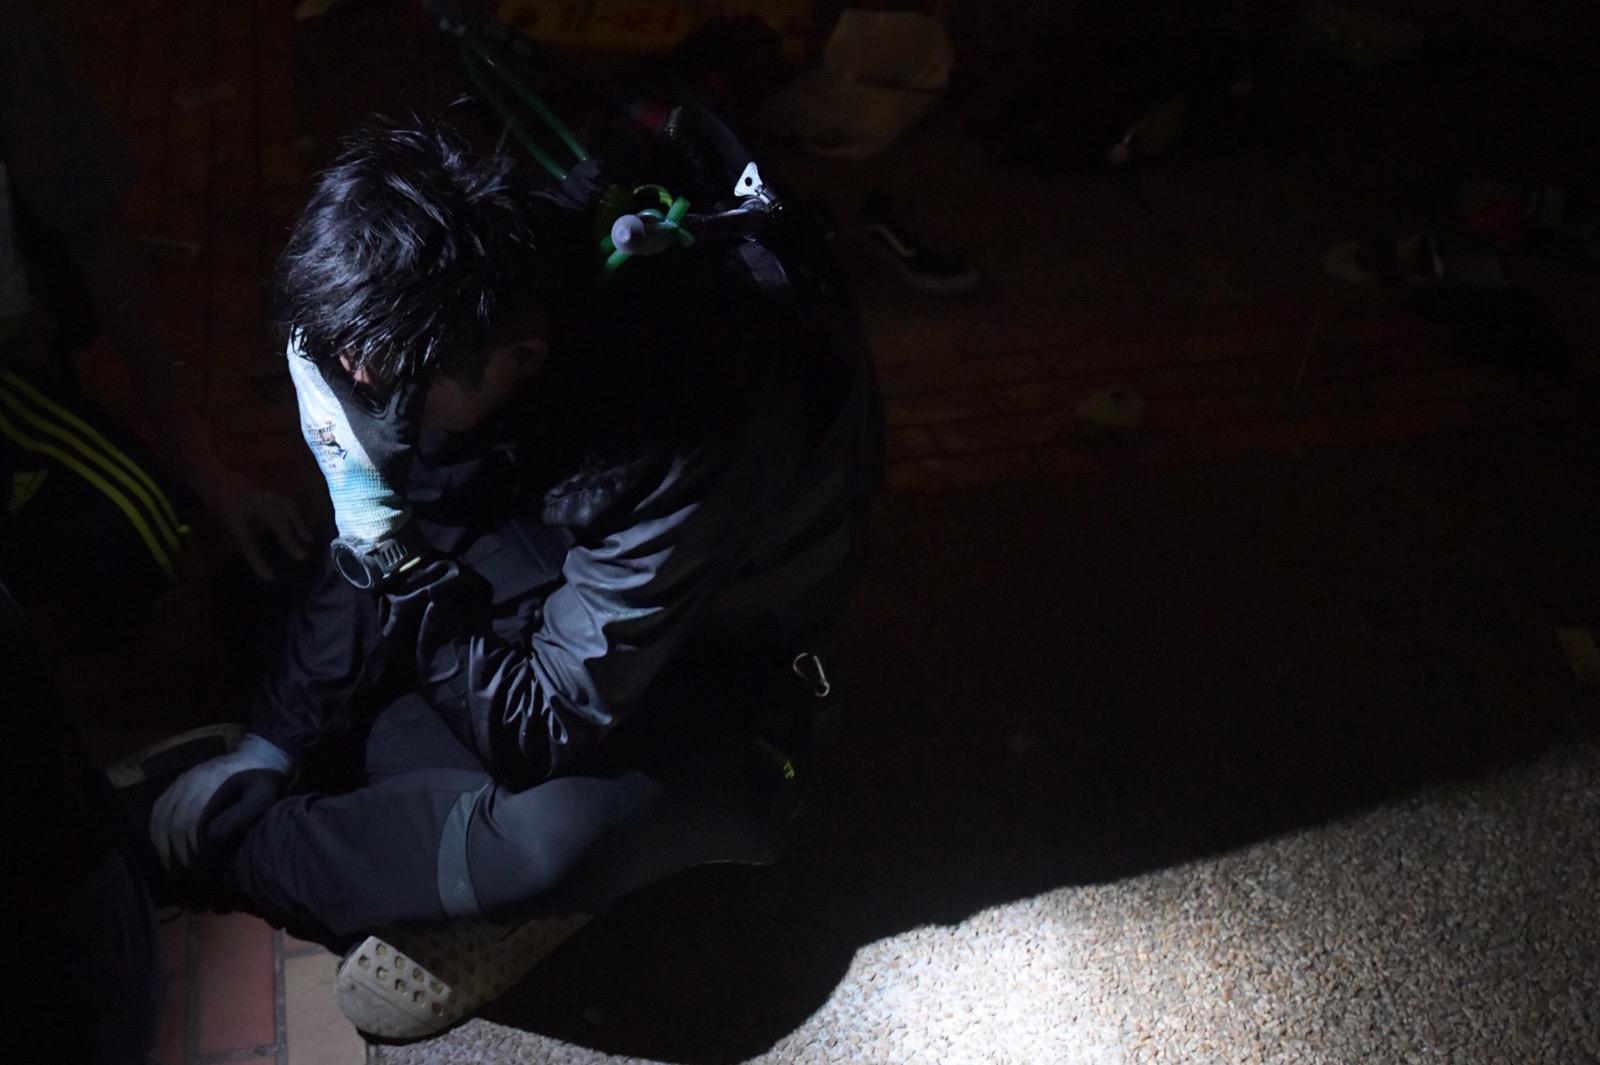 有黑衣人痛哭。